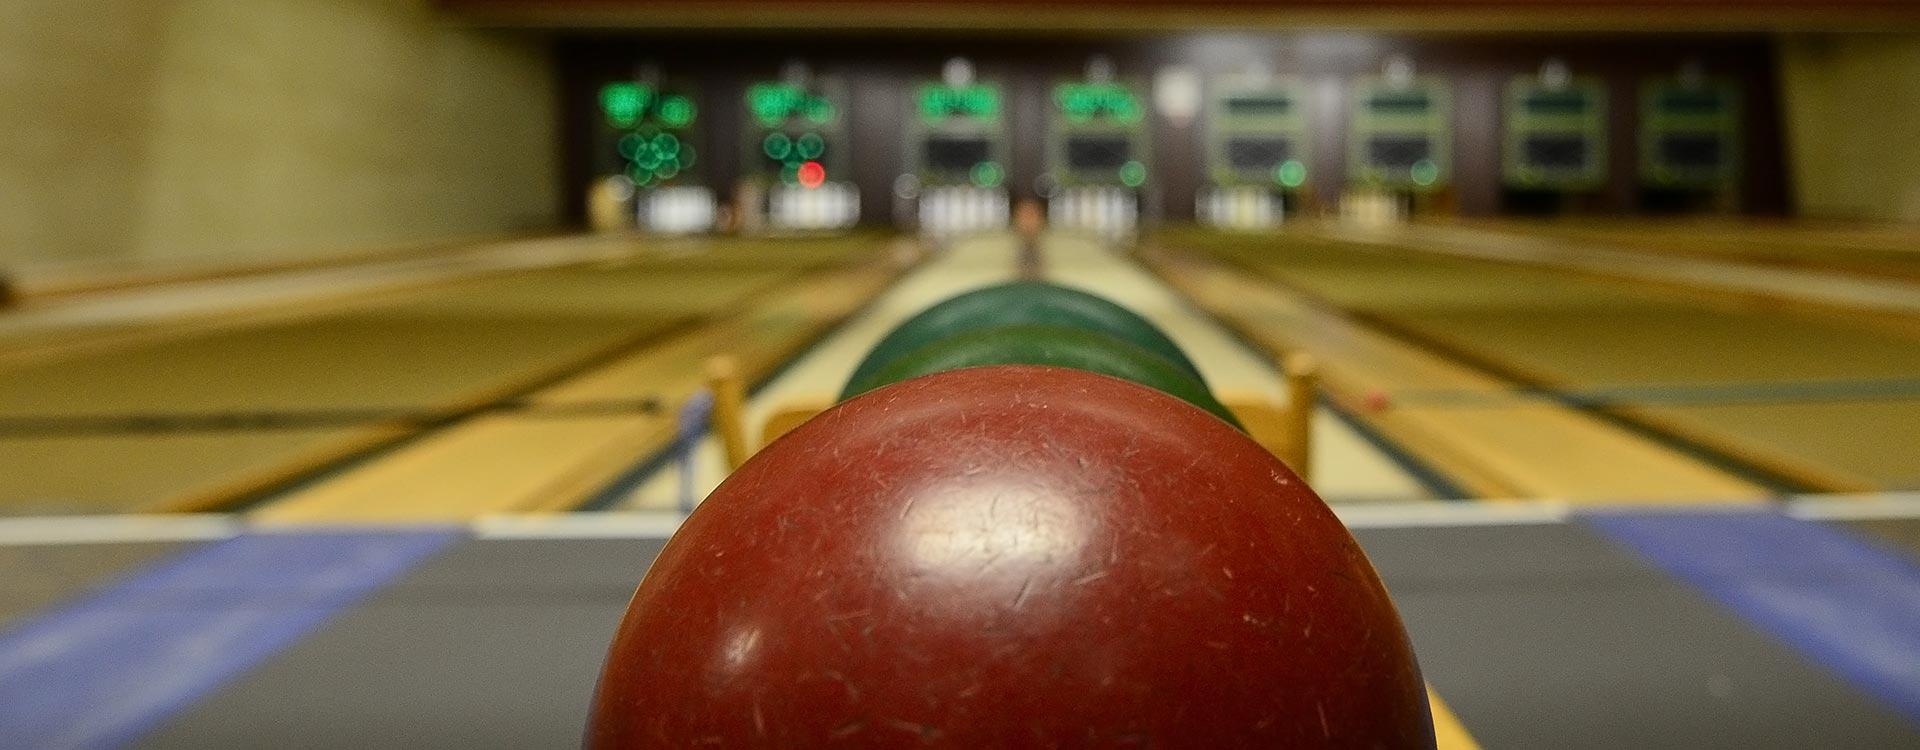 Bowling Zählsystem